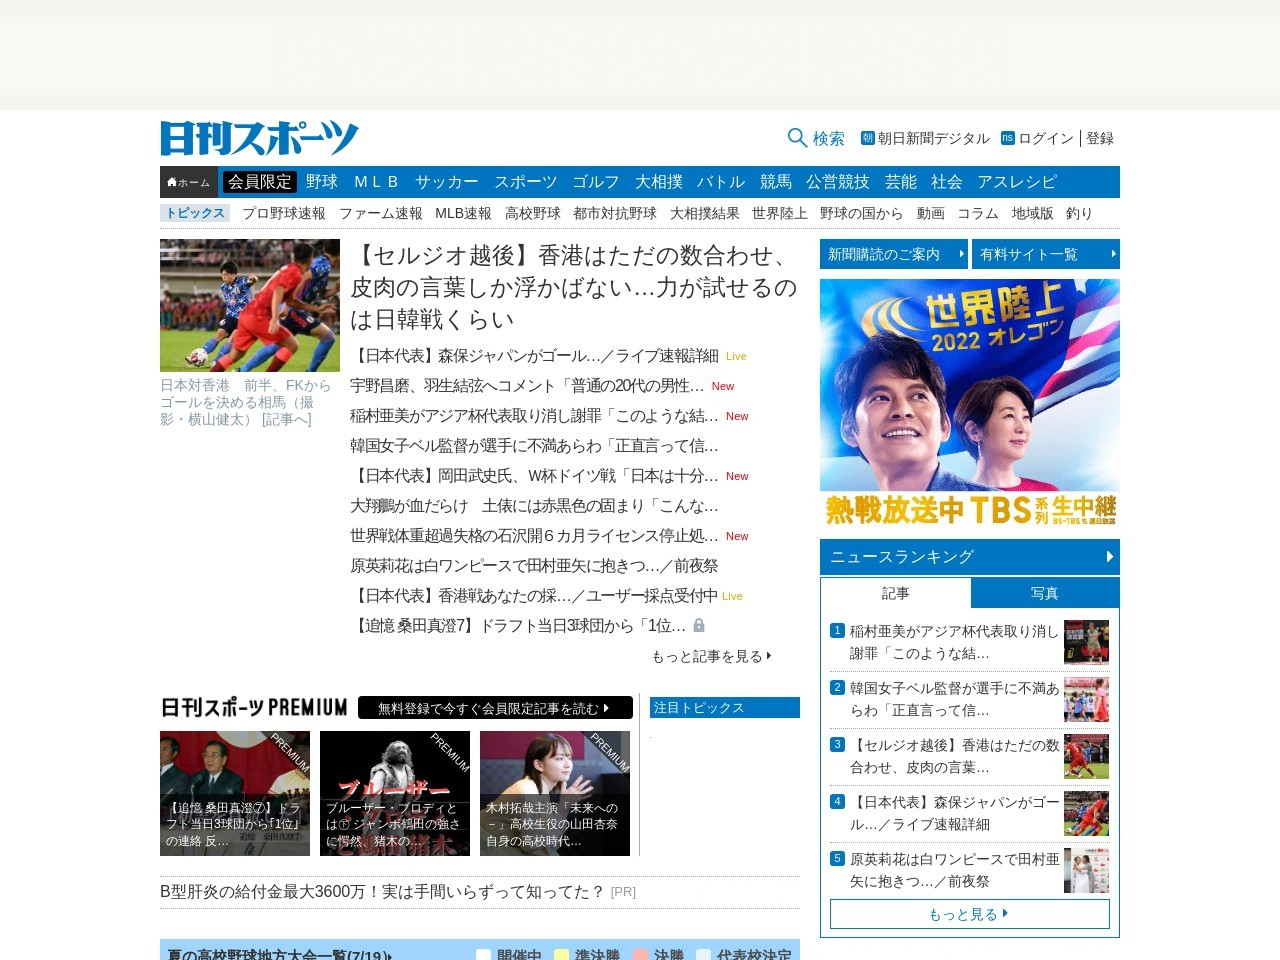 中田久美ジャパン-アルゼンチン/バレースコア速報